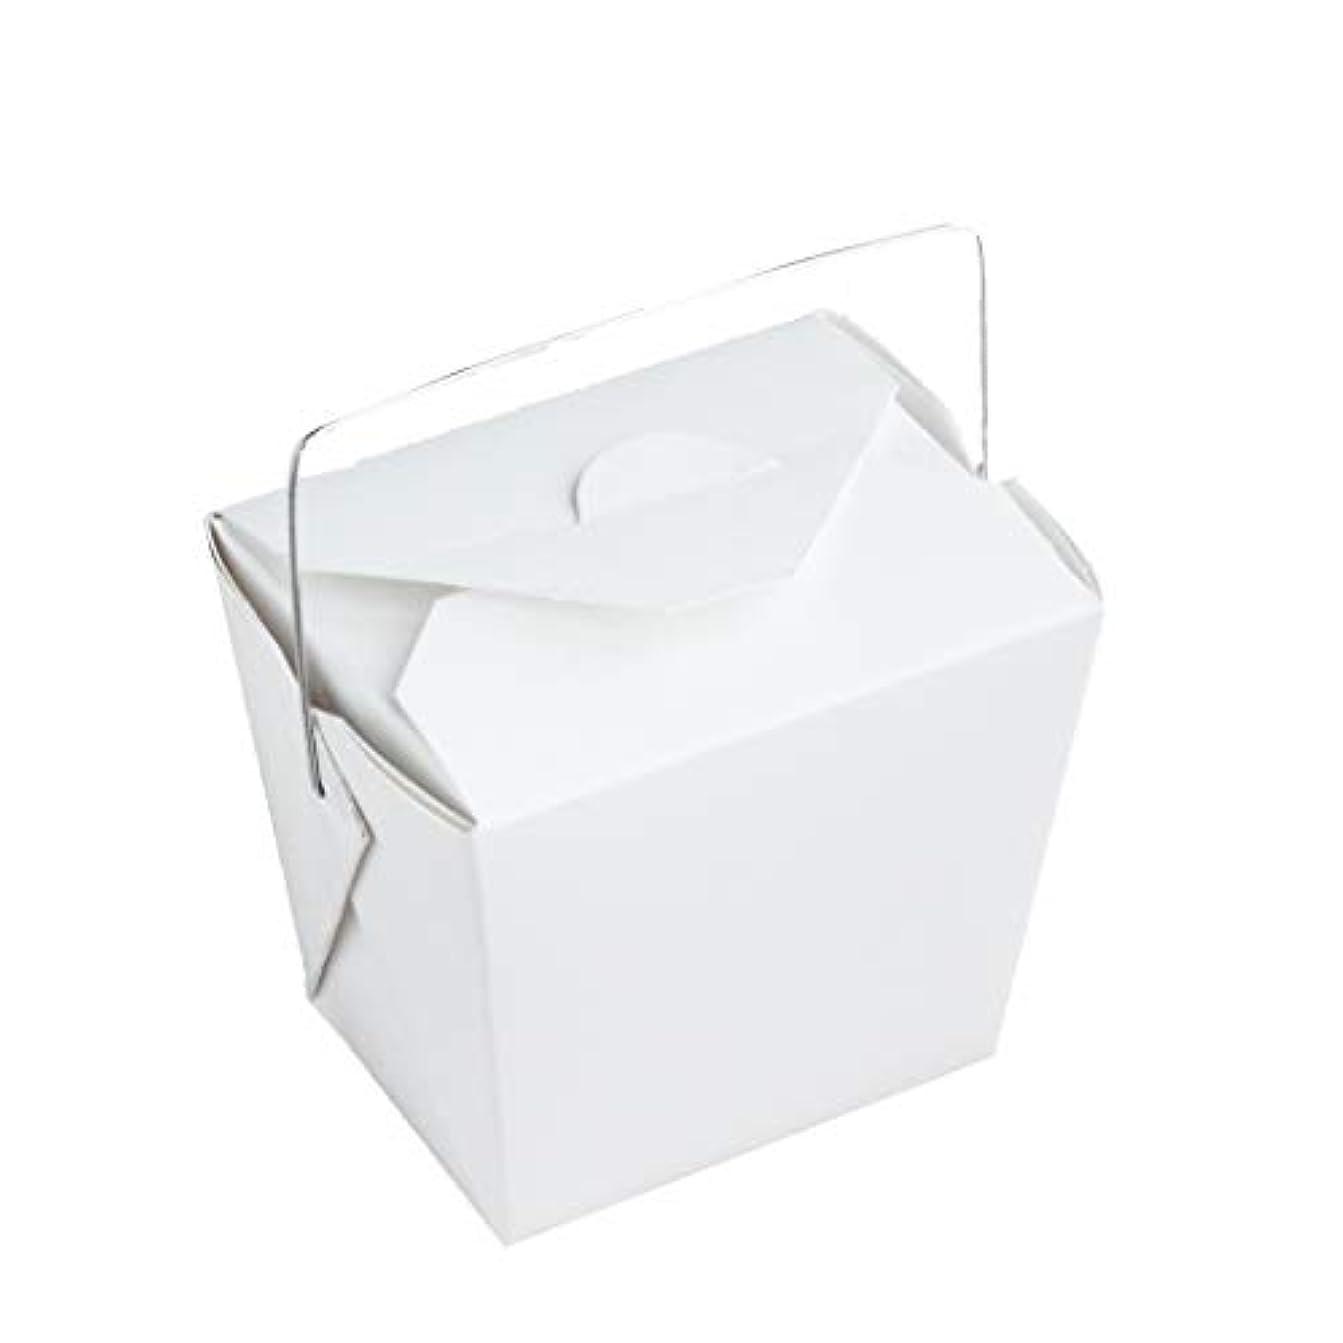 タオル友だちかる手作り石けん用 ワイヤー取っ手付きホワイトペーパー型 10個